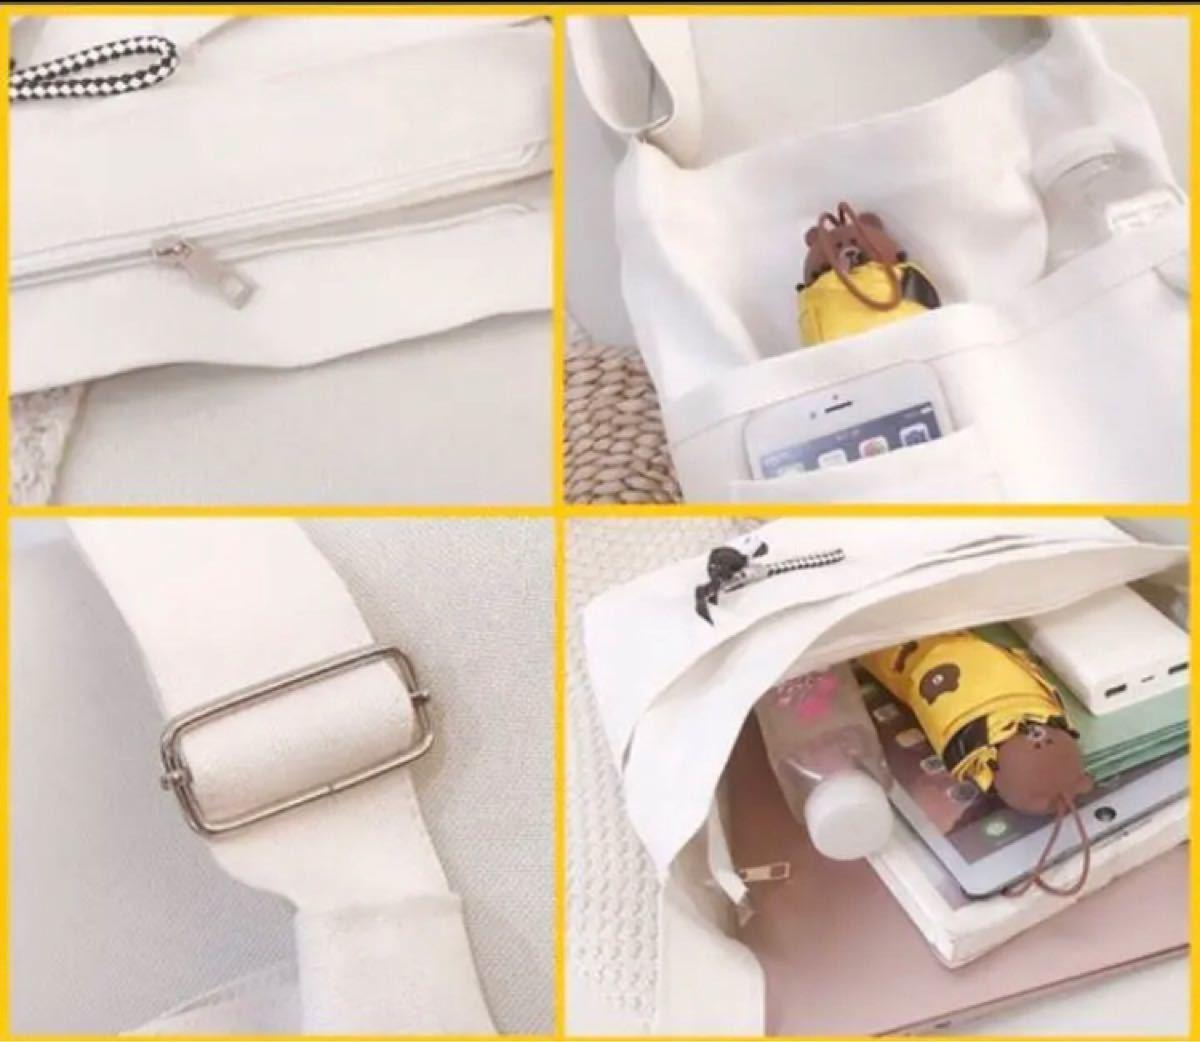 トートバッグ  ショルダーバッグ 白  ホワイト  レディースバッグ 韓国 メンズバッグ キャンバスバッグ